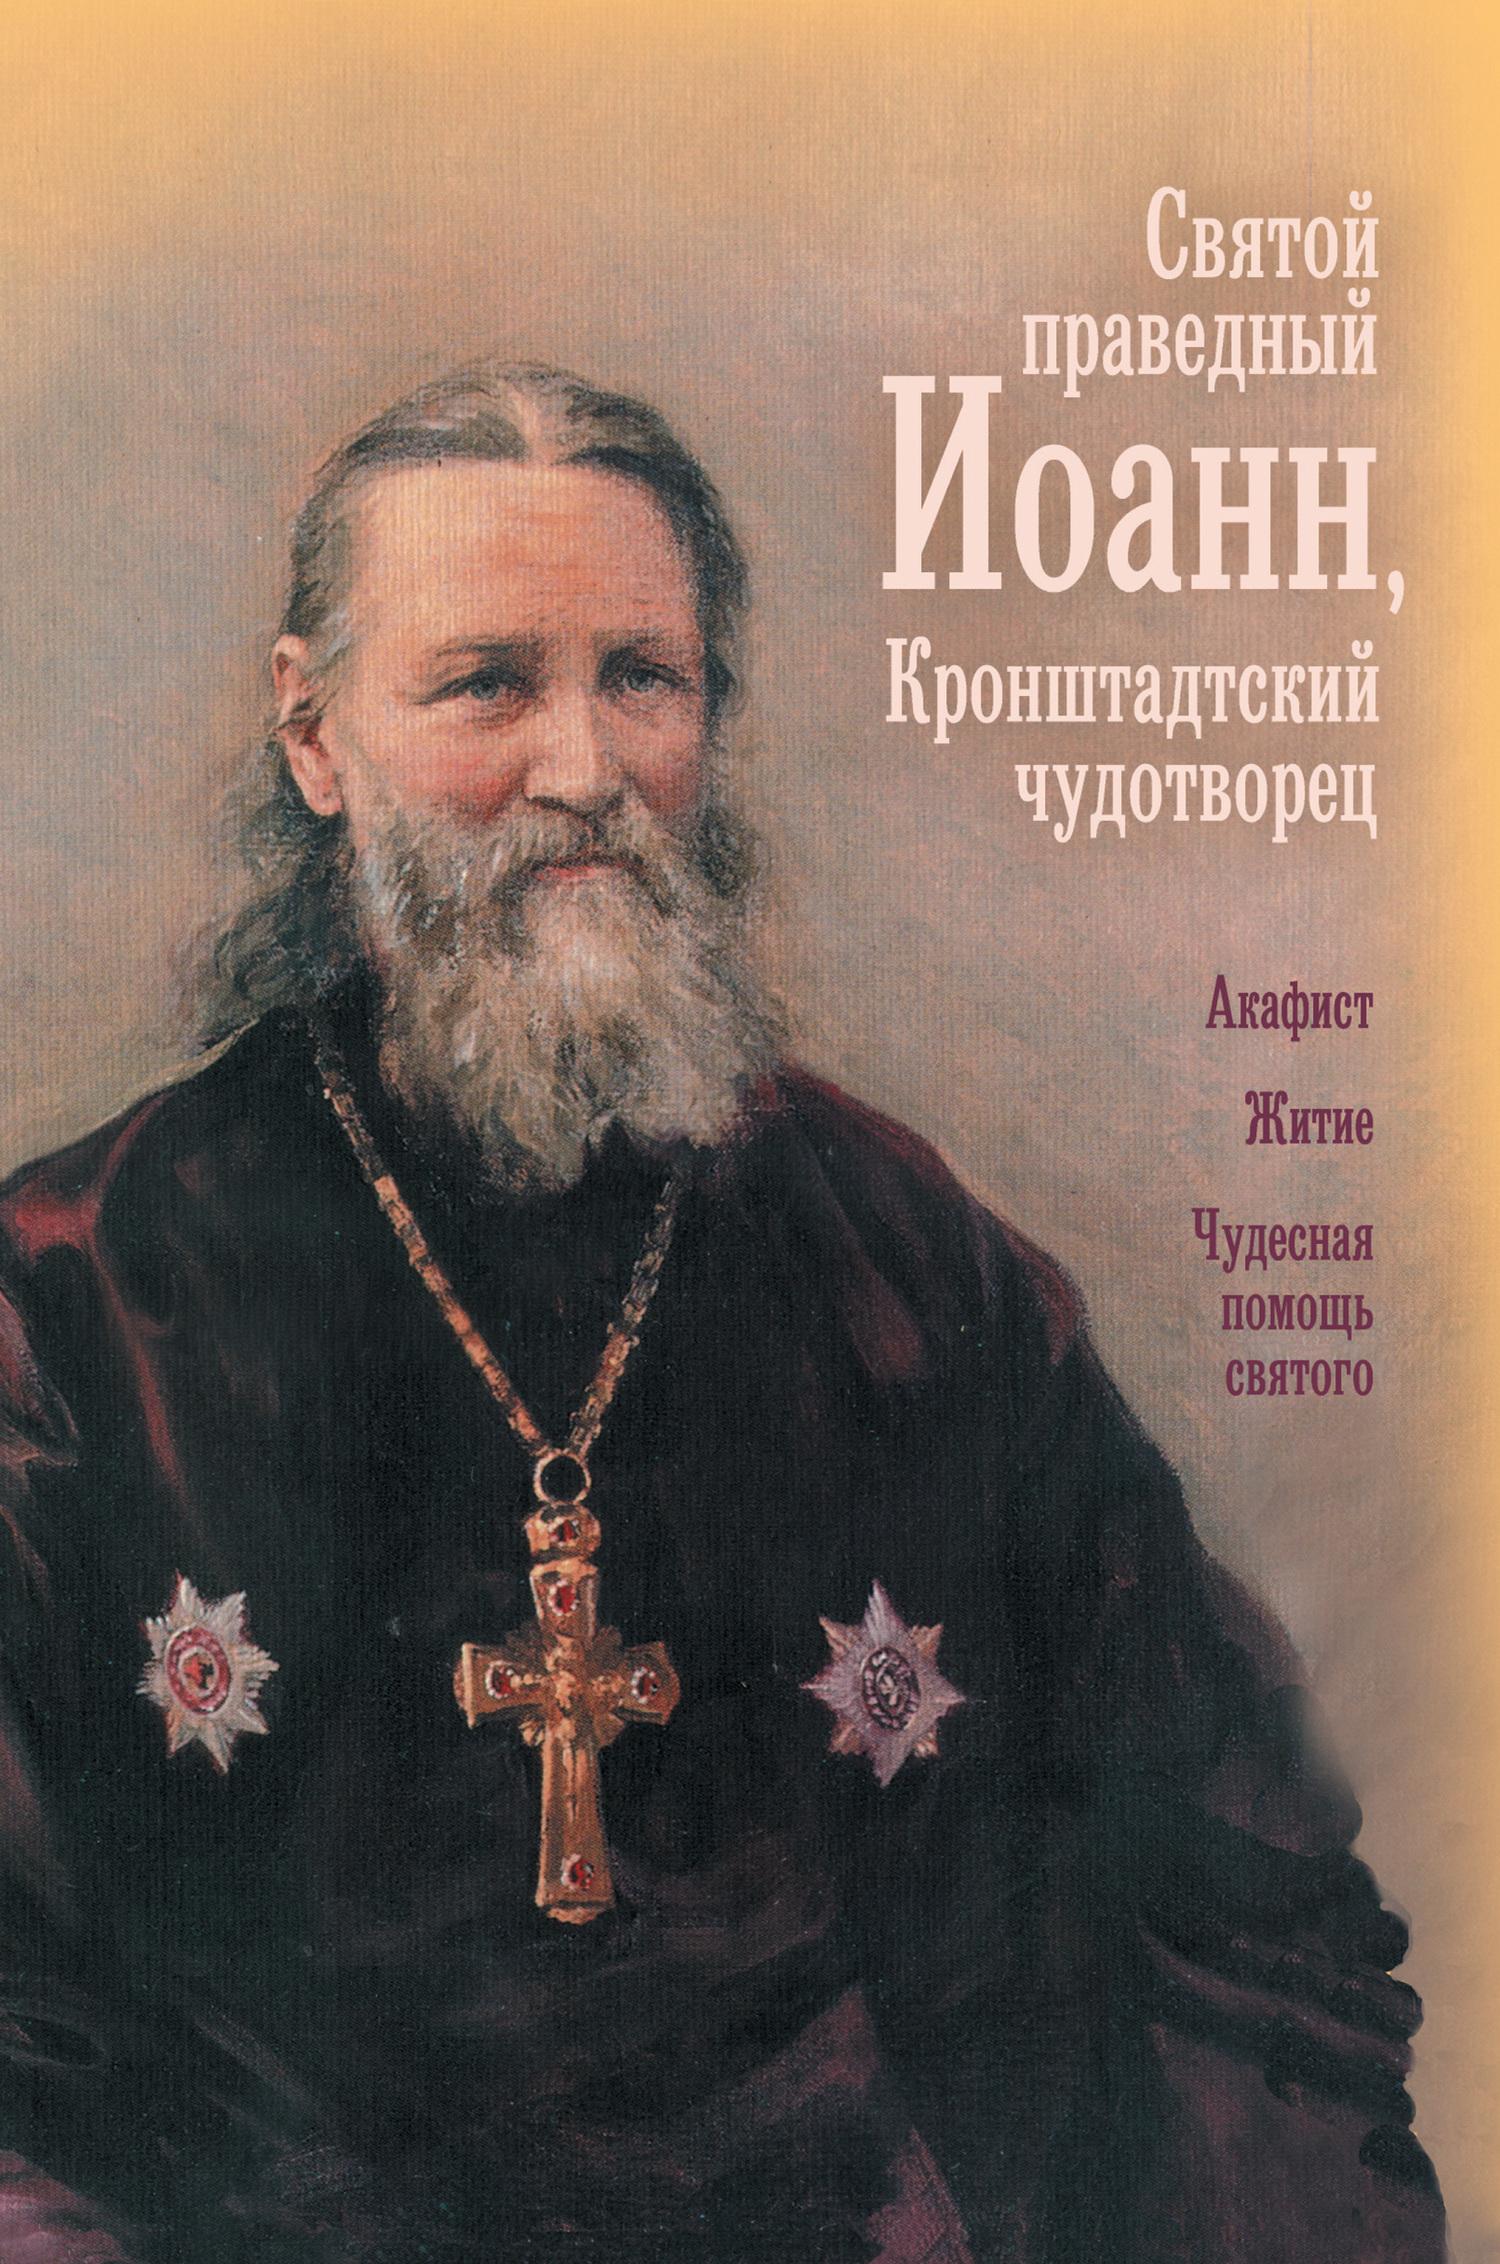 Сборник. Святой праведный отец Иоанн, Кронштадтский чудотворец